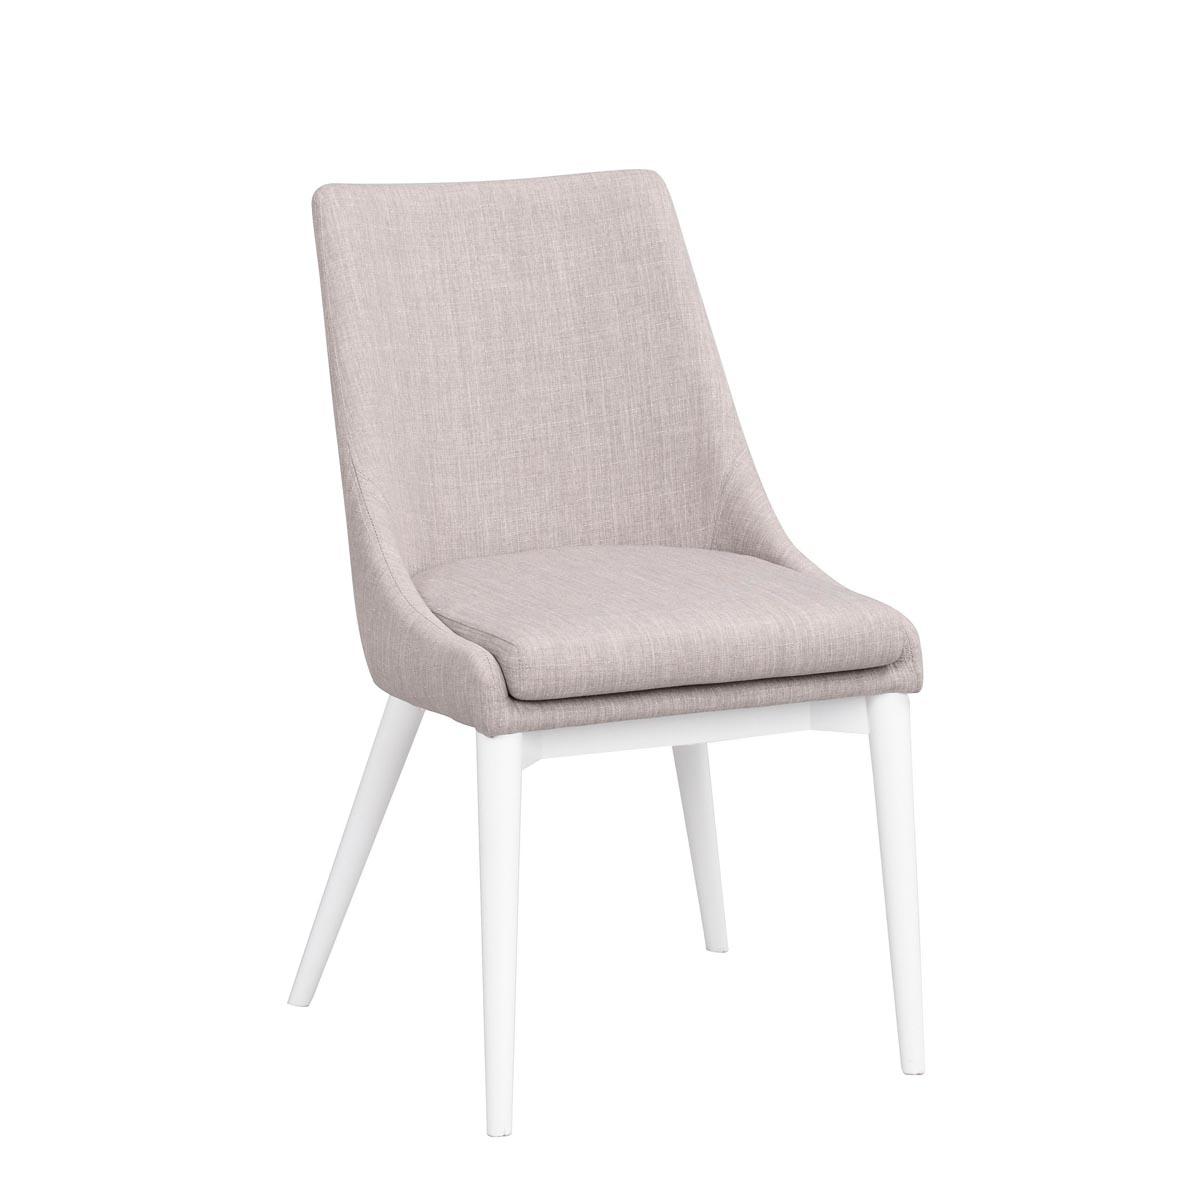 Bea-stol-ljusgrå_vitR-118310_a